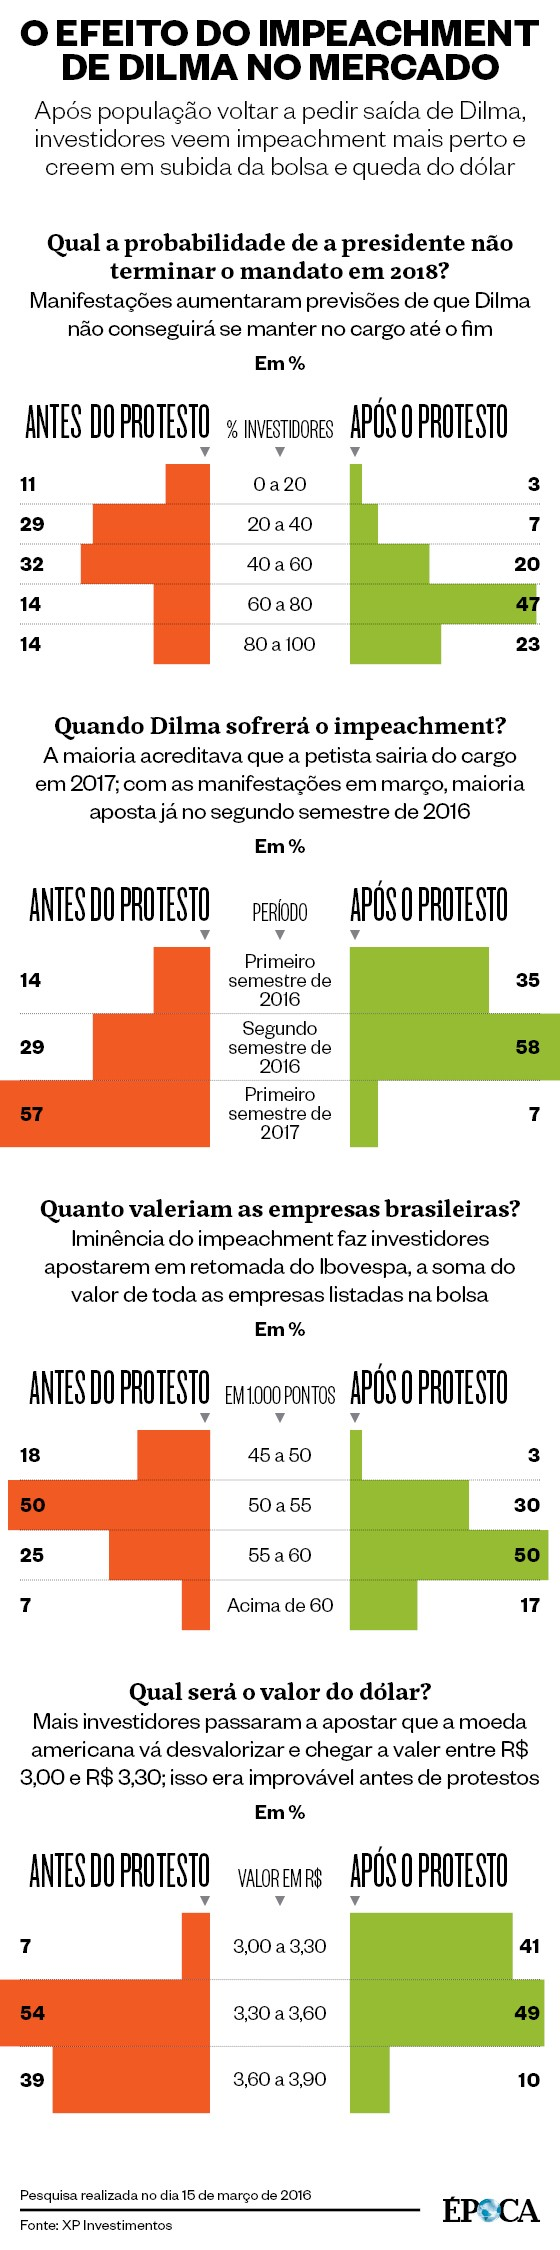 O efeito do impeachment de Dilma no mercado  (Foto: Época )